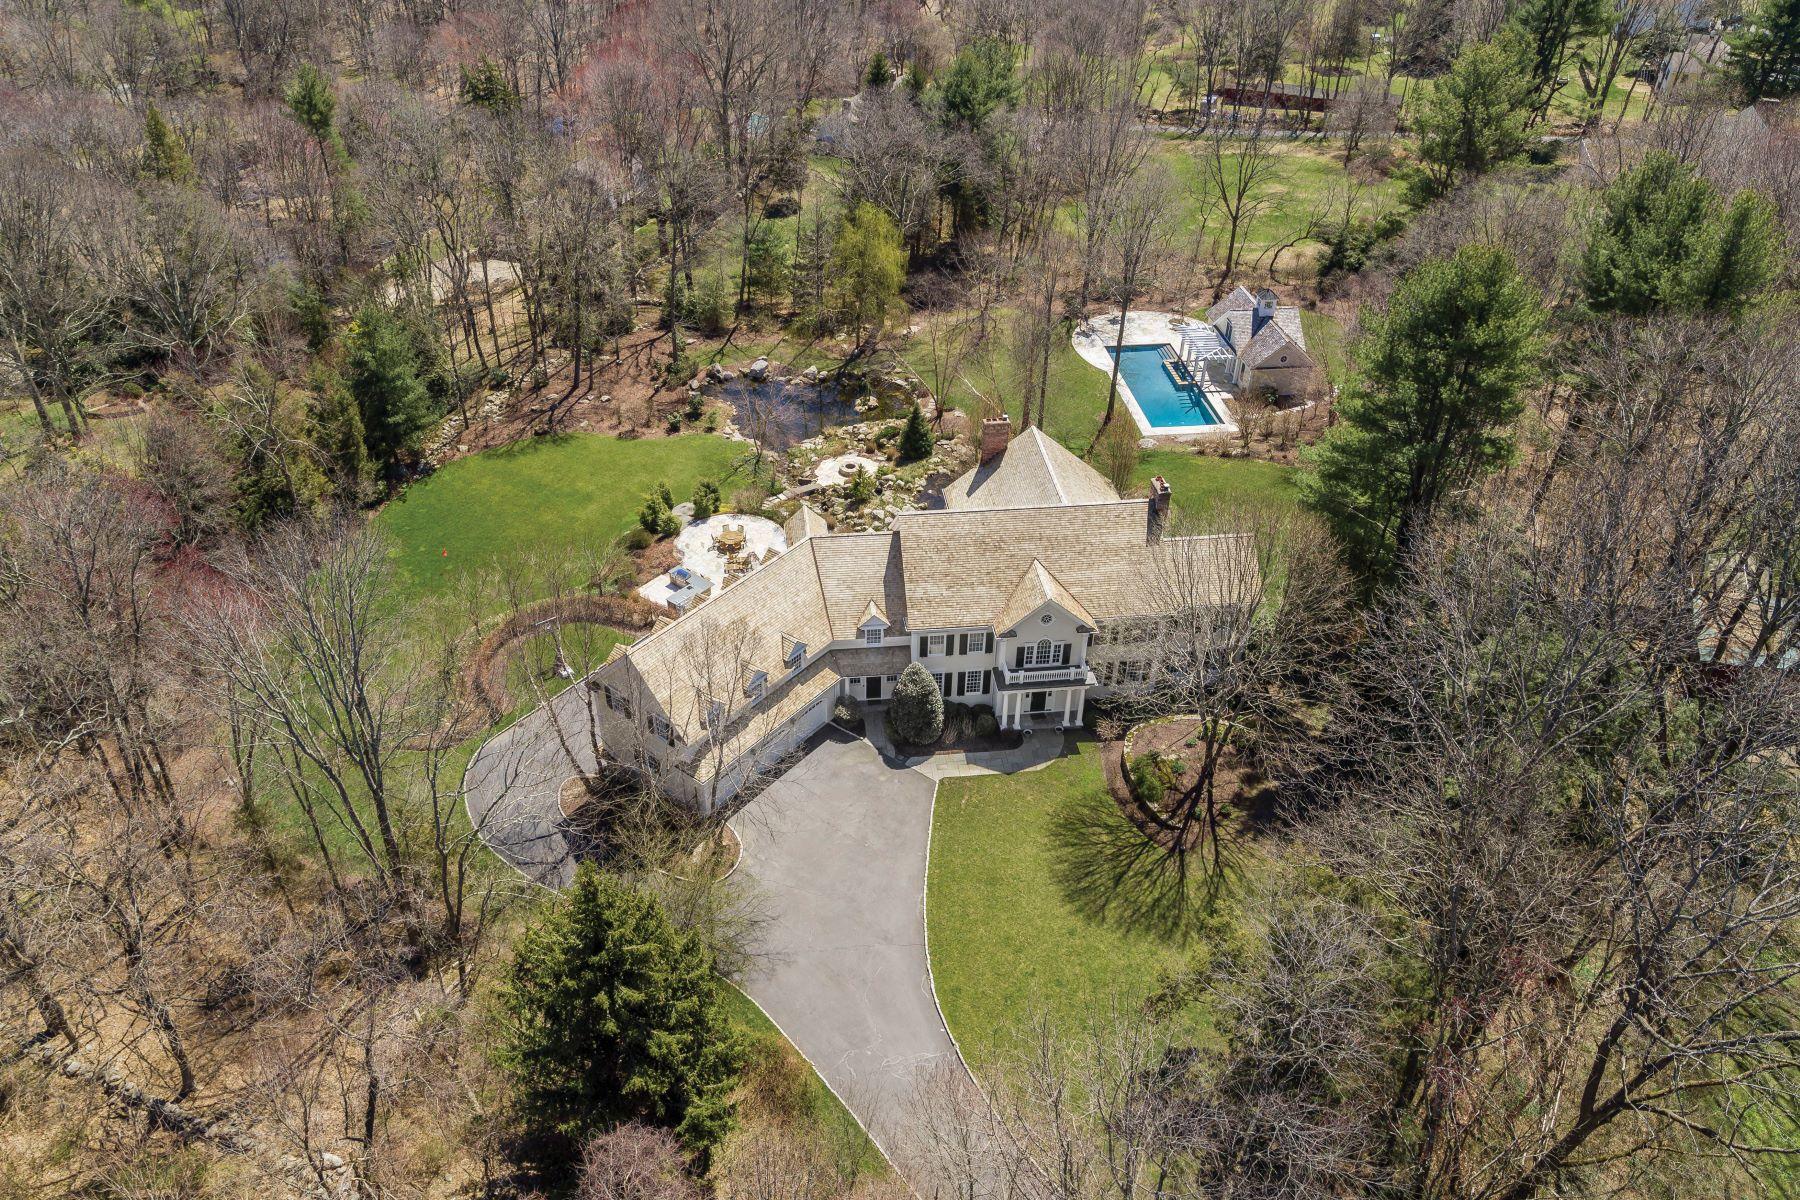 Casa Unifamiliar por un Venta en Elegant Georgian Colonial in Private Oasis 1084 Sturges Highway Fairfield, Connecticut 06824 Estados Unidos